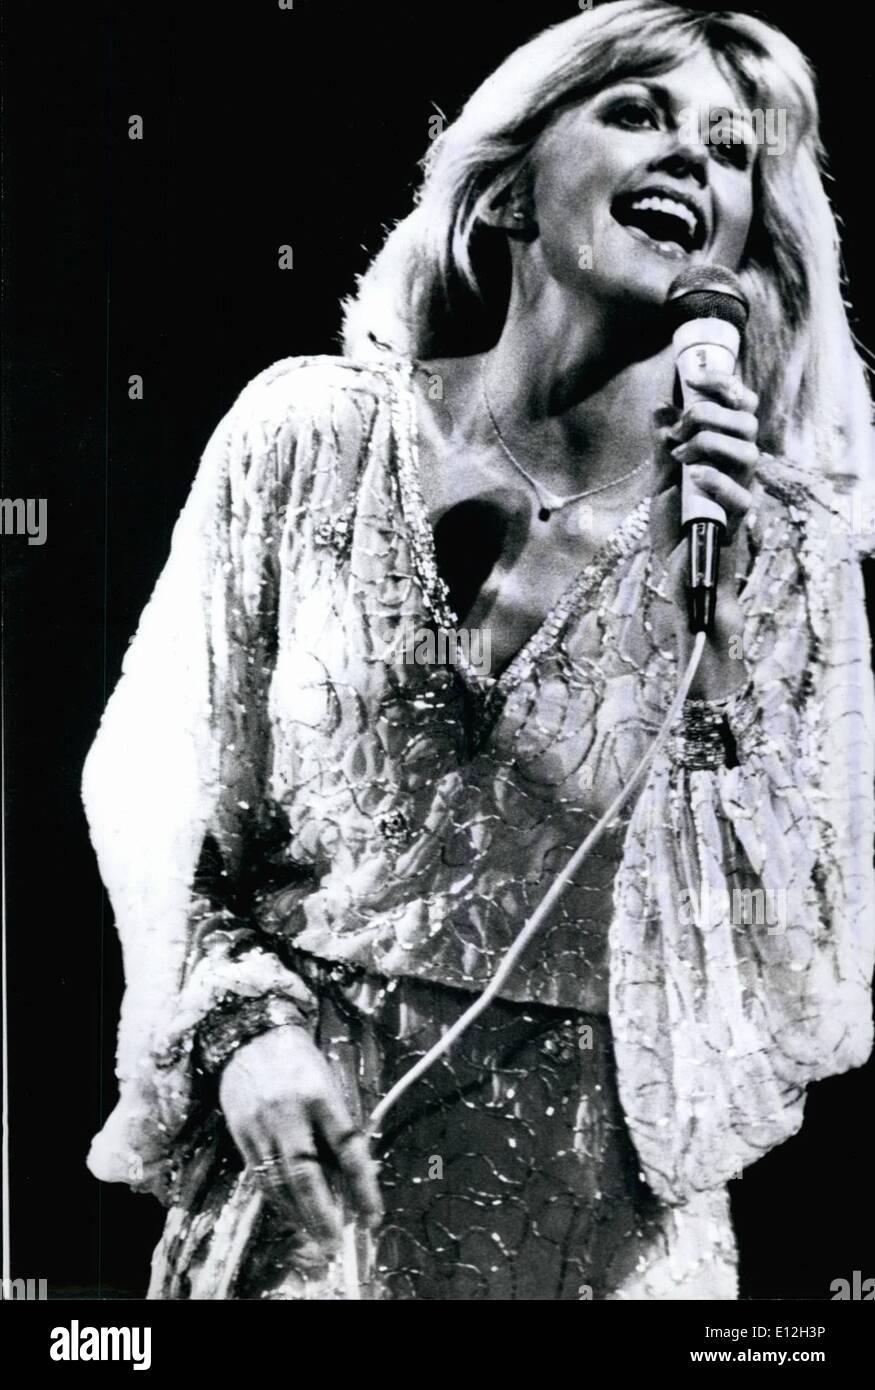 Gen 03, 2012 - Olivia Newton-John diede il suo debutto in Occidentale-germania: La prima apparizione in Occidentale-germania di Olivia Newton-John, la nuova stella DA STATI UNITI D'AMERICA, hanno avuto luogo in questi giorni a congressi centro di Amburgo. Il partner del pubblico-favourite John Travolta intendono arruolarsi con la sua prima mostra in Occidentale-germania per il paese americano- e popmusic e per il suo nuovo film ''grasso''. Mostra fotografica di Olivia Newton-John durante il suo show in Hamburg/Occidentale-germania, che ha avuto luogo nella cornice di una Europa tour americano di star. Immagini Stock